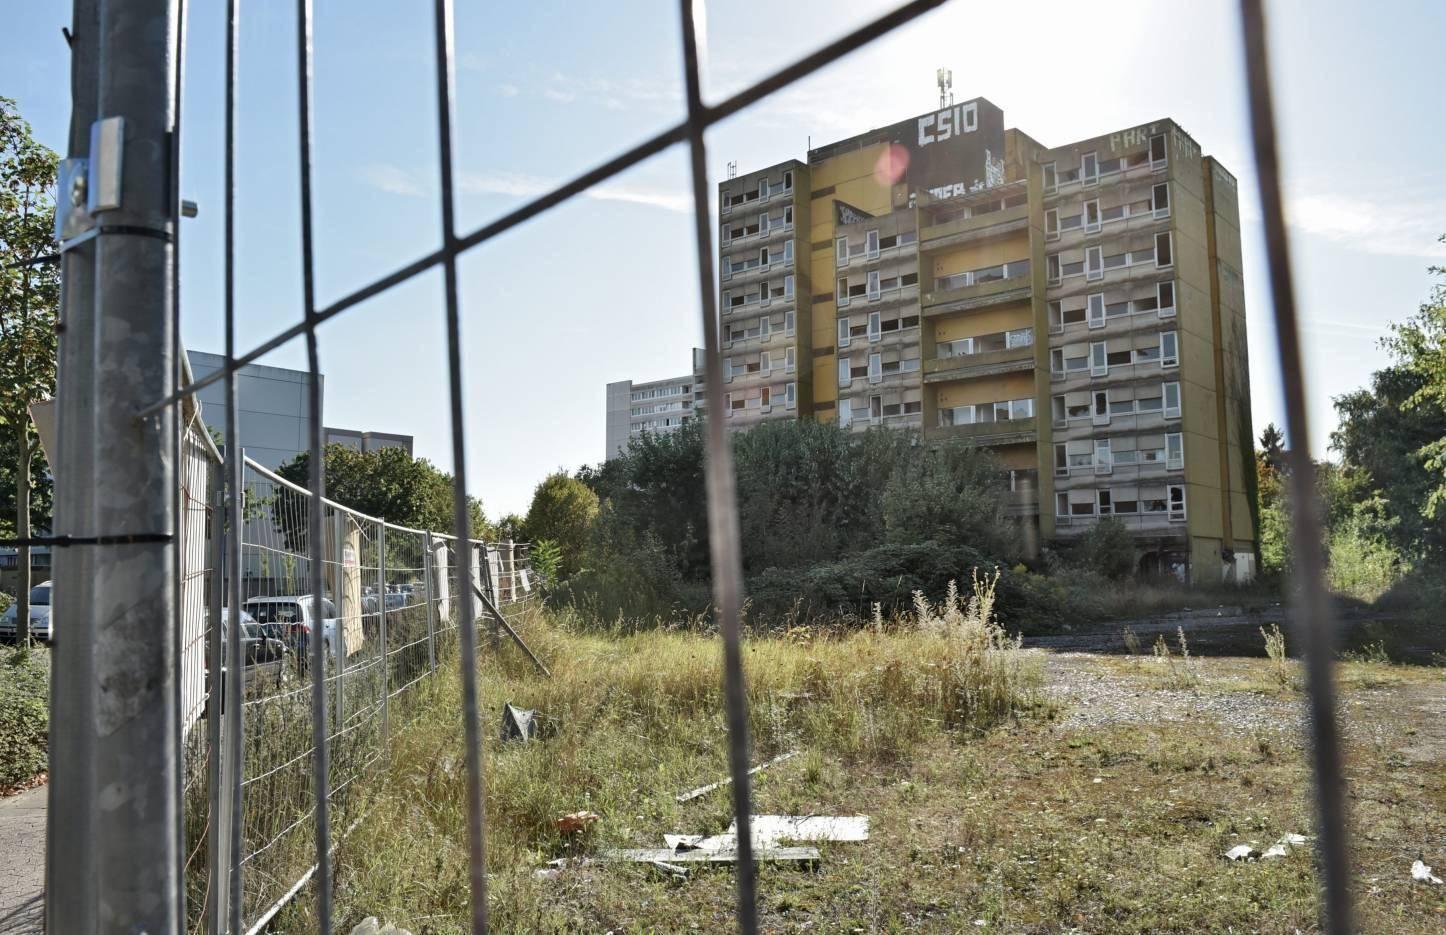 Krefeld Abrisskosten Fur Hochhaus Ruine Sind Zu Hoch